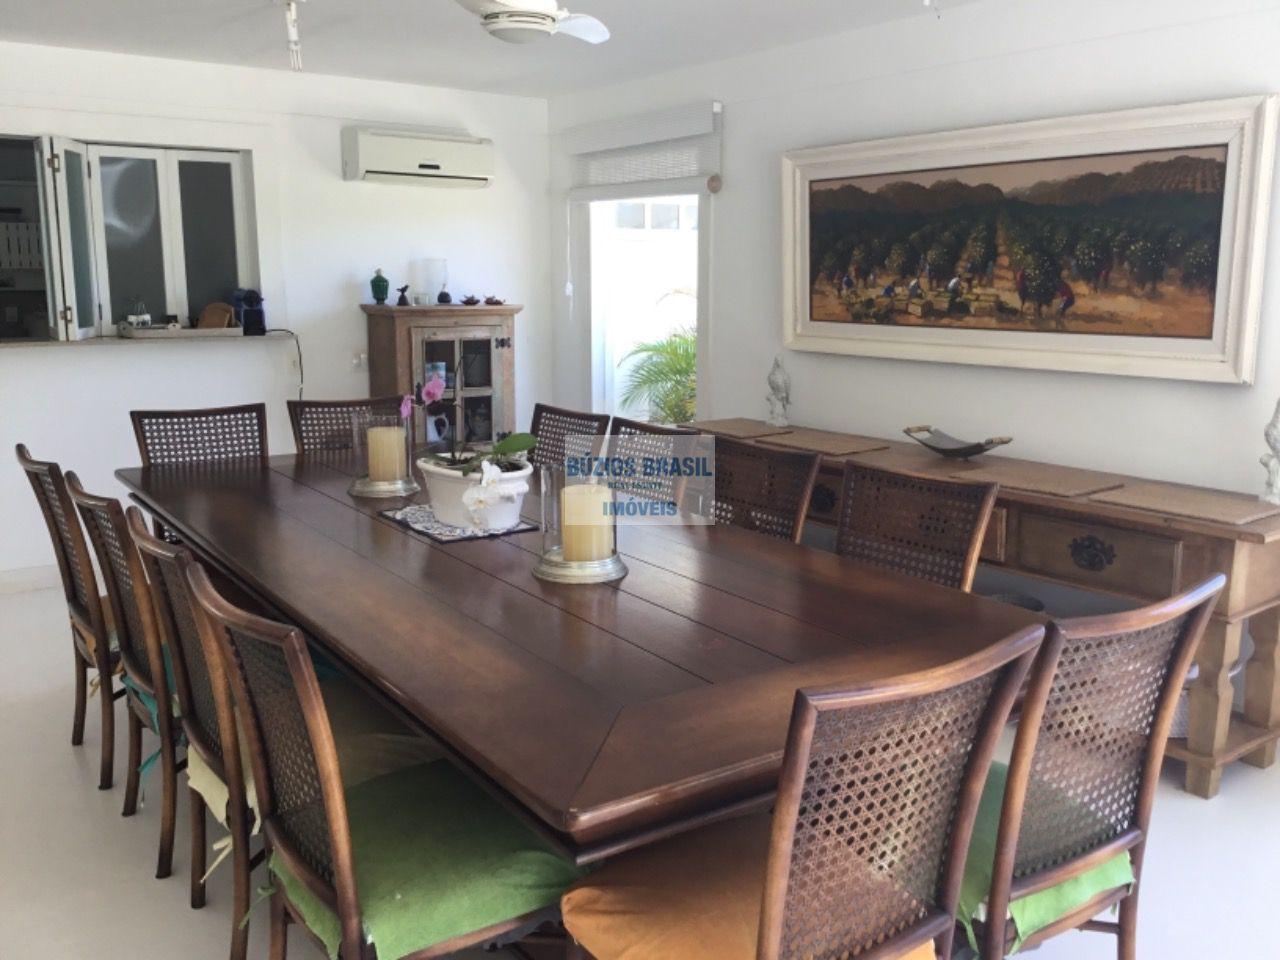 Casa 7 quartos para alugar Ferradura, Ferradura 70m Praia,Armação dos Búzios - LTFR1 - 7